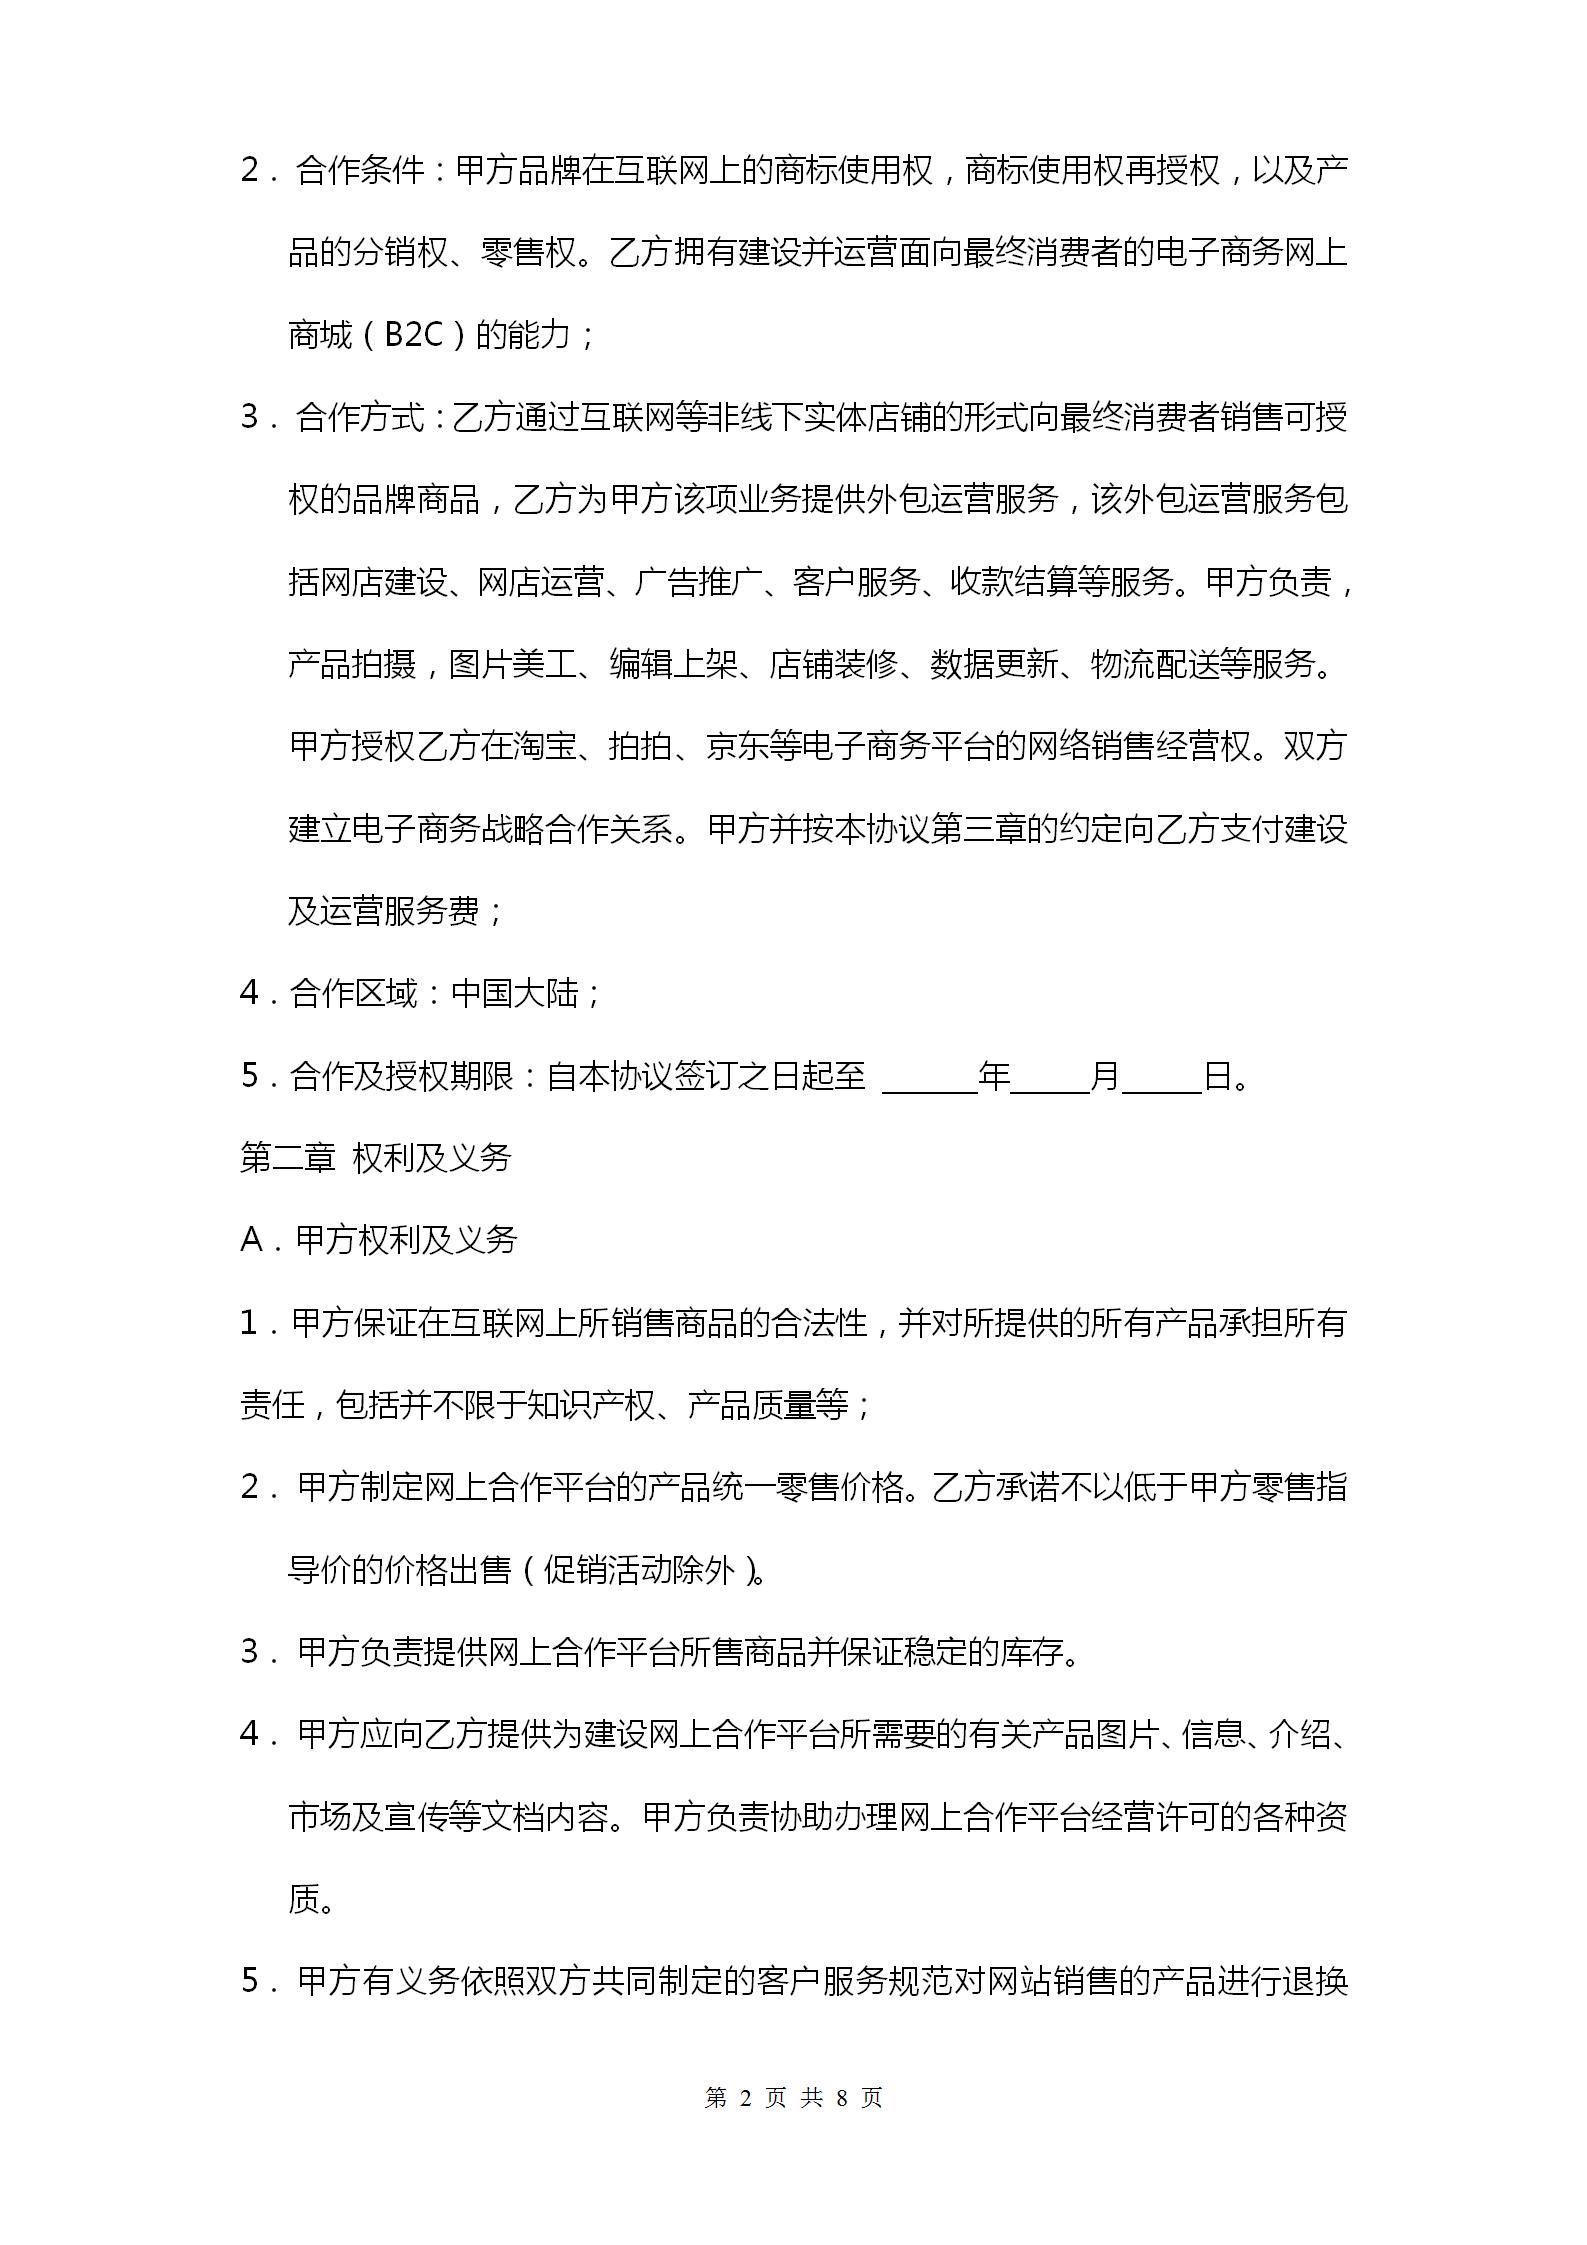 电商代运营服务协议(完整且适用于大多数网店)